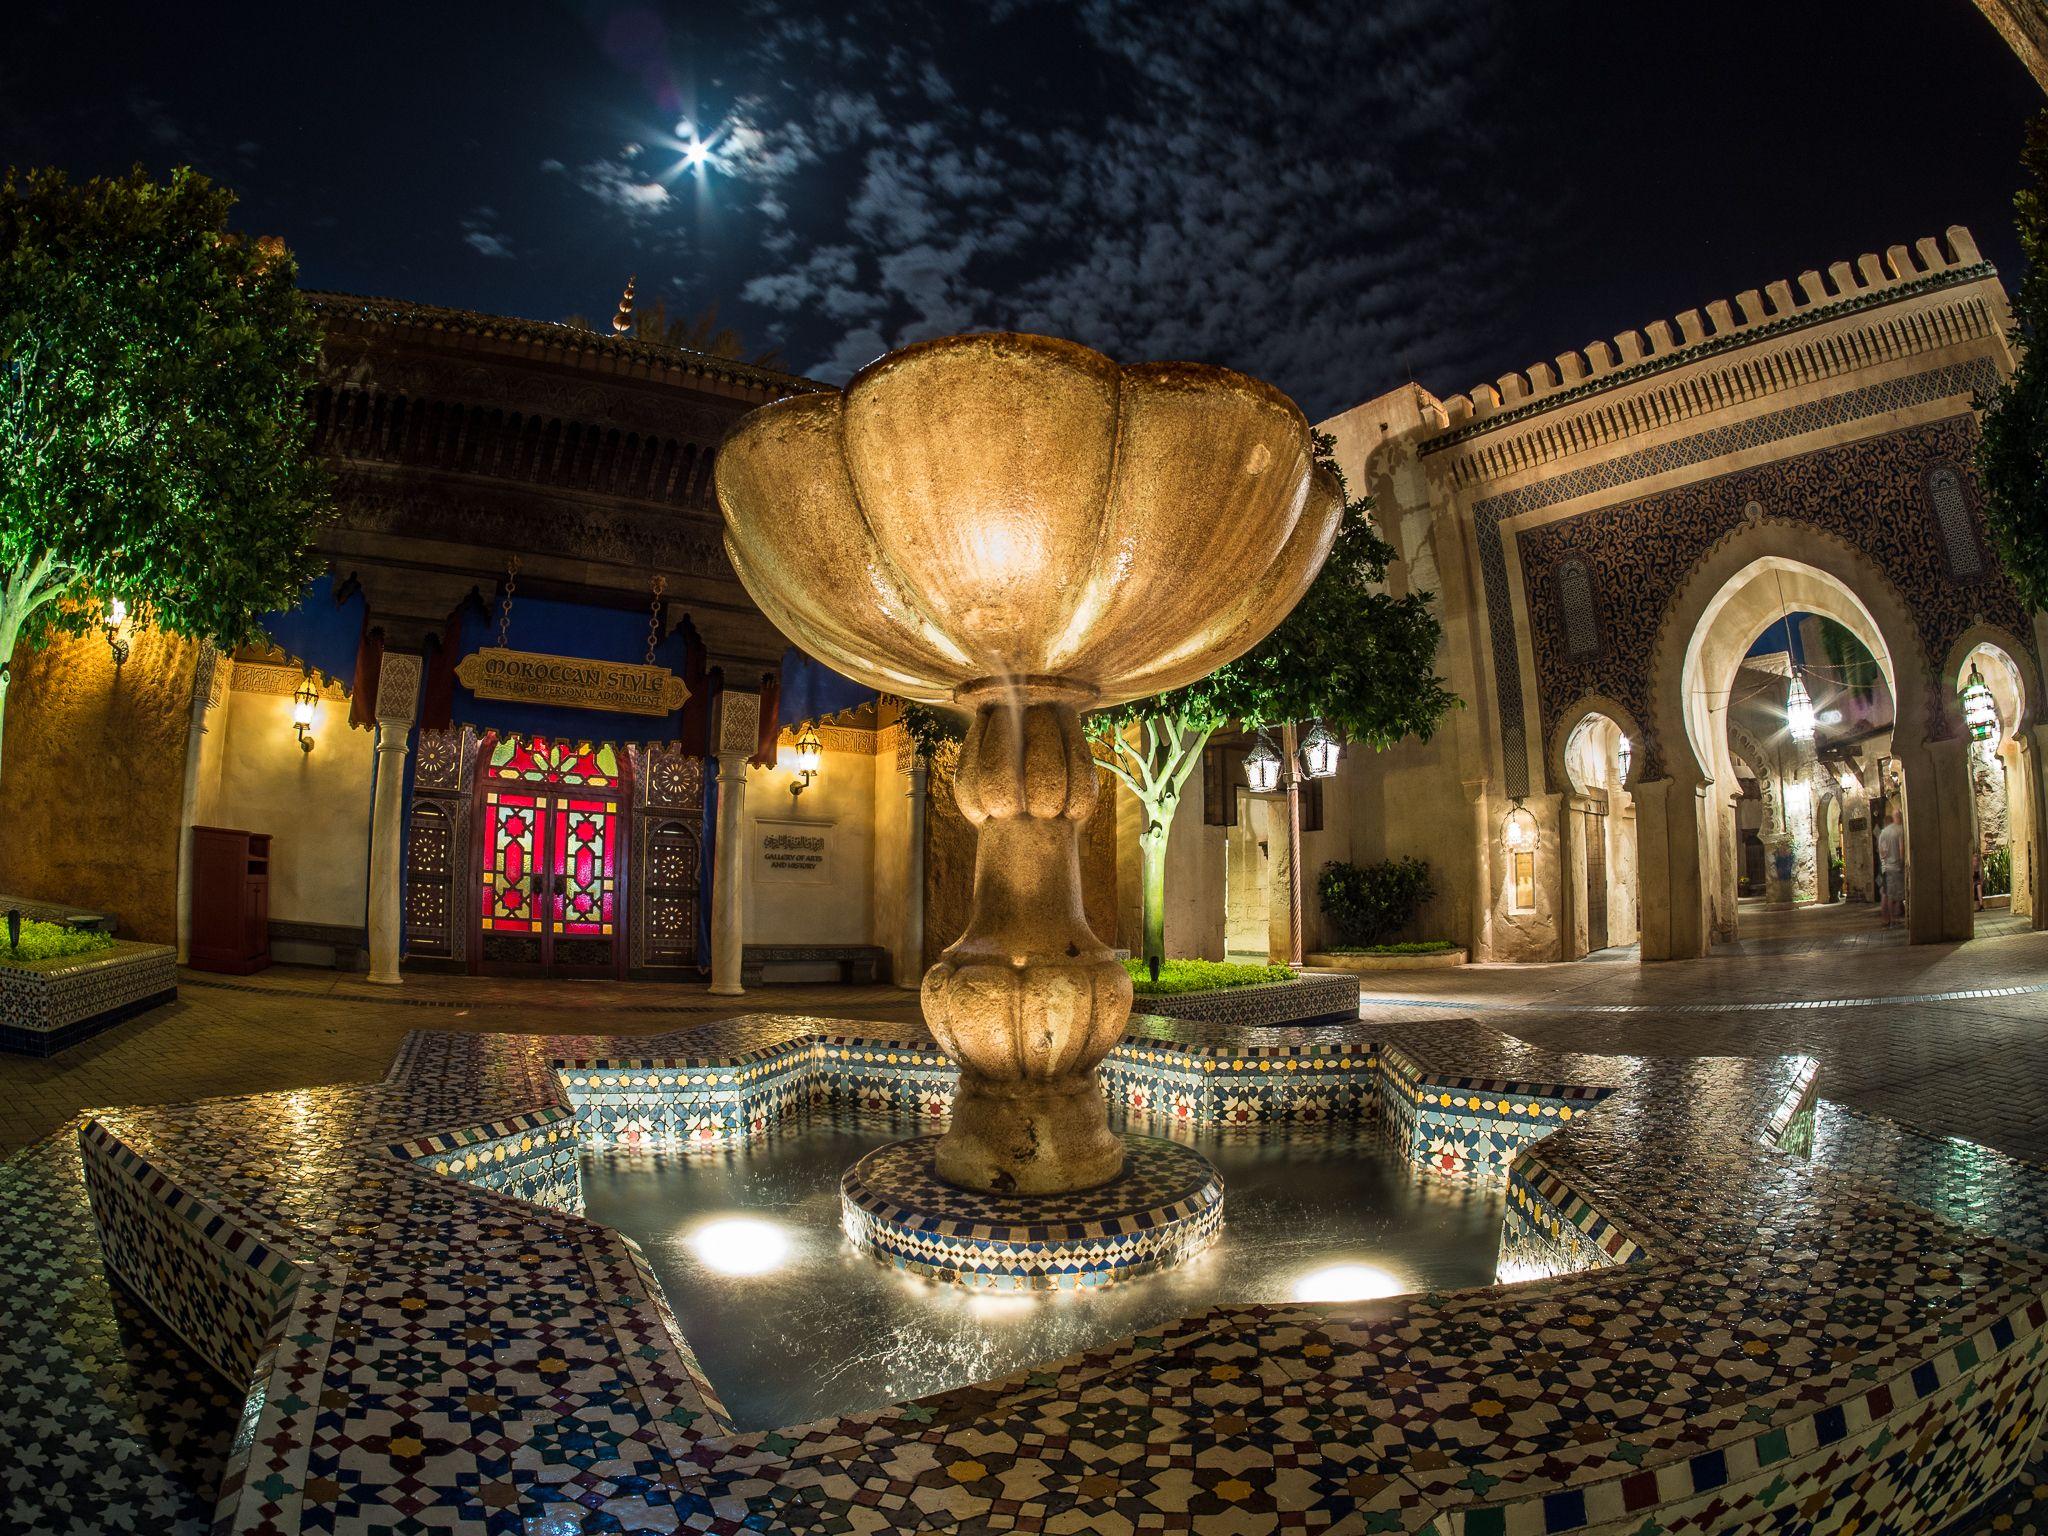 Avond in Marokko